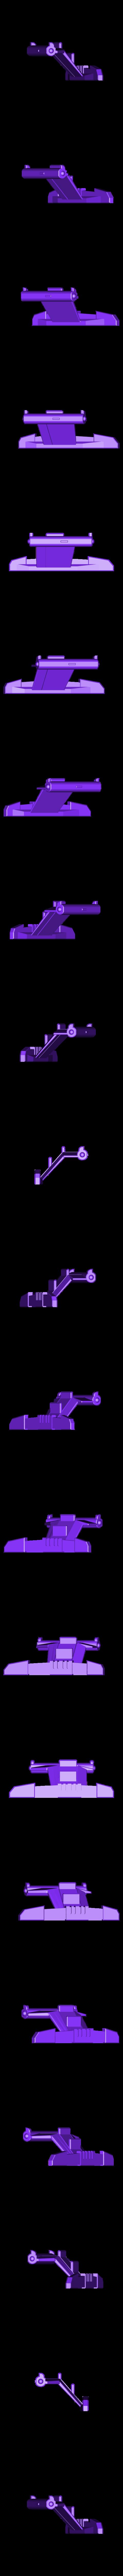 wing_L_v1.stl Download free STL file TRANSFORMERS G1 ROTORSTORM ARTICULATION UPGRADE KIT • 3D printable design, sickofyou